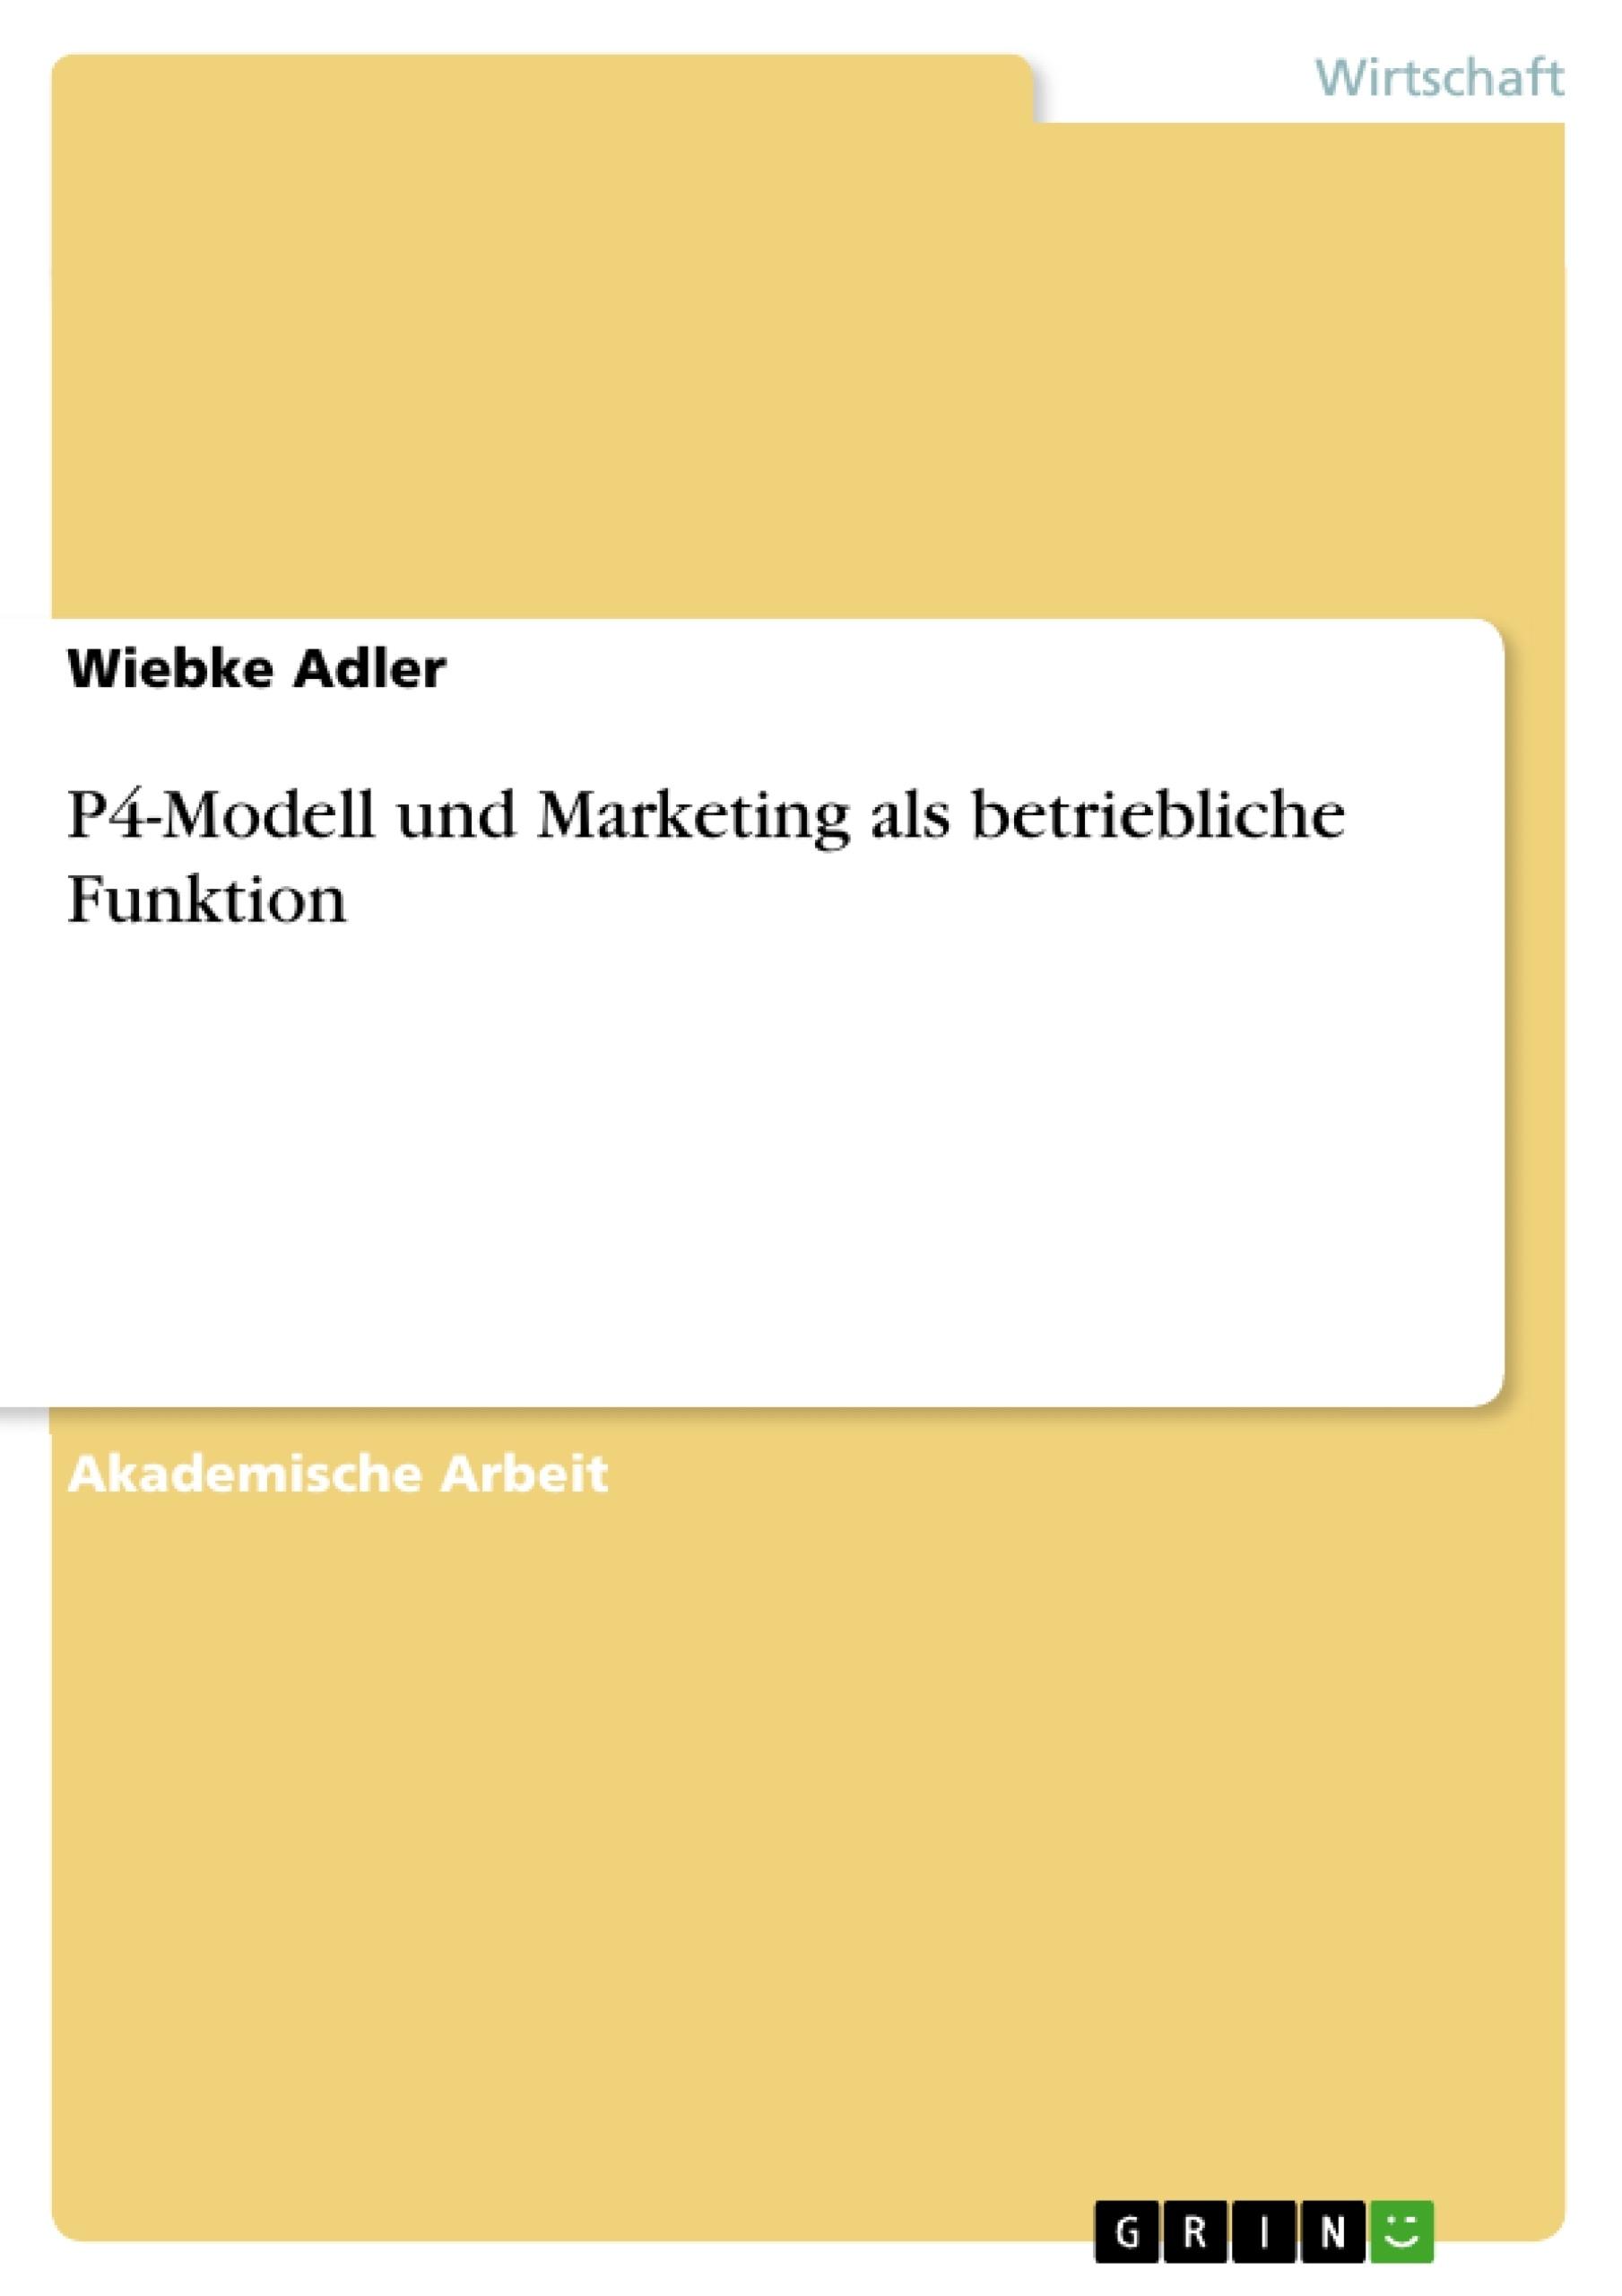 Titel: P4-Modell und Marketing als betriebliche Funktion